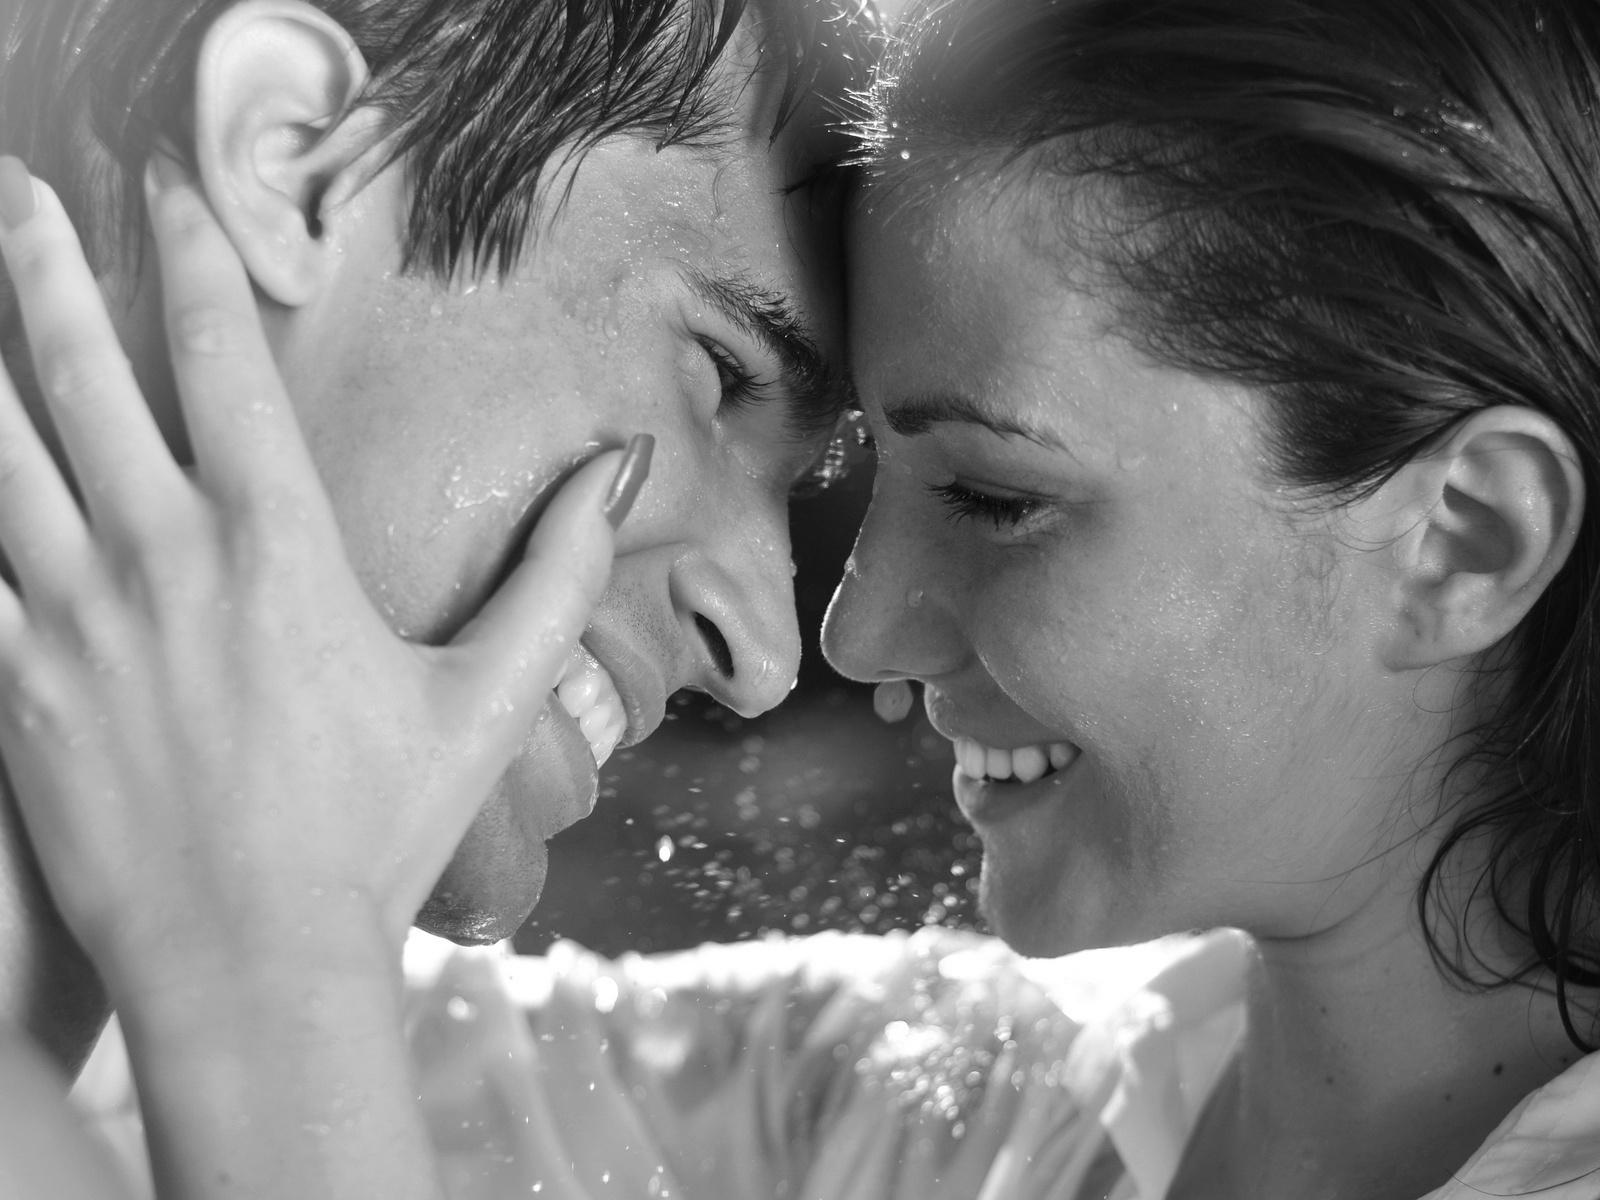 Дождь страсть чувства романтика